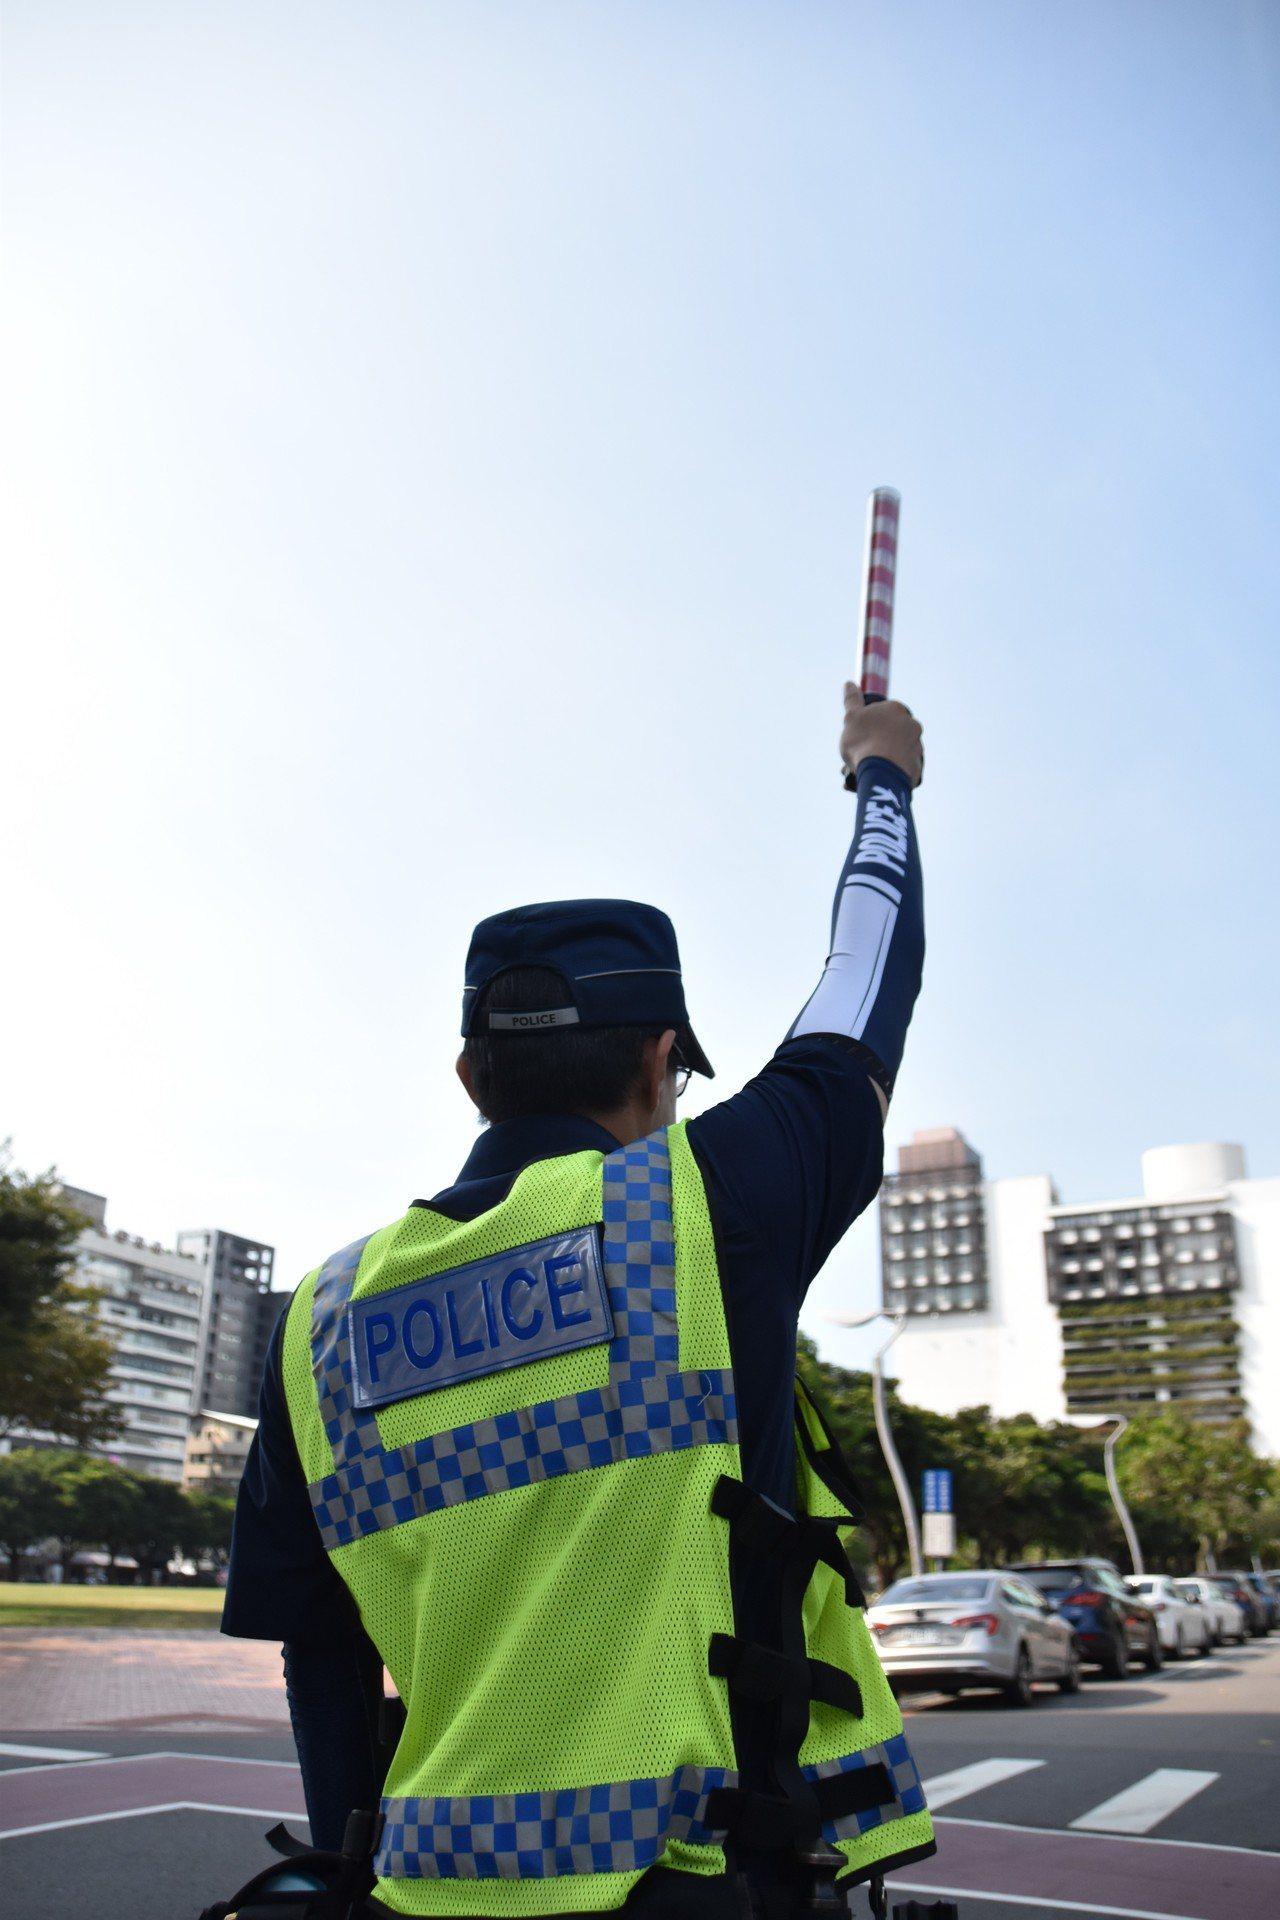 台中市公益所警員配戴女警鄭入嘉設計的警系袖套,在轄區內指揮交通,有效防曬,也十分...